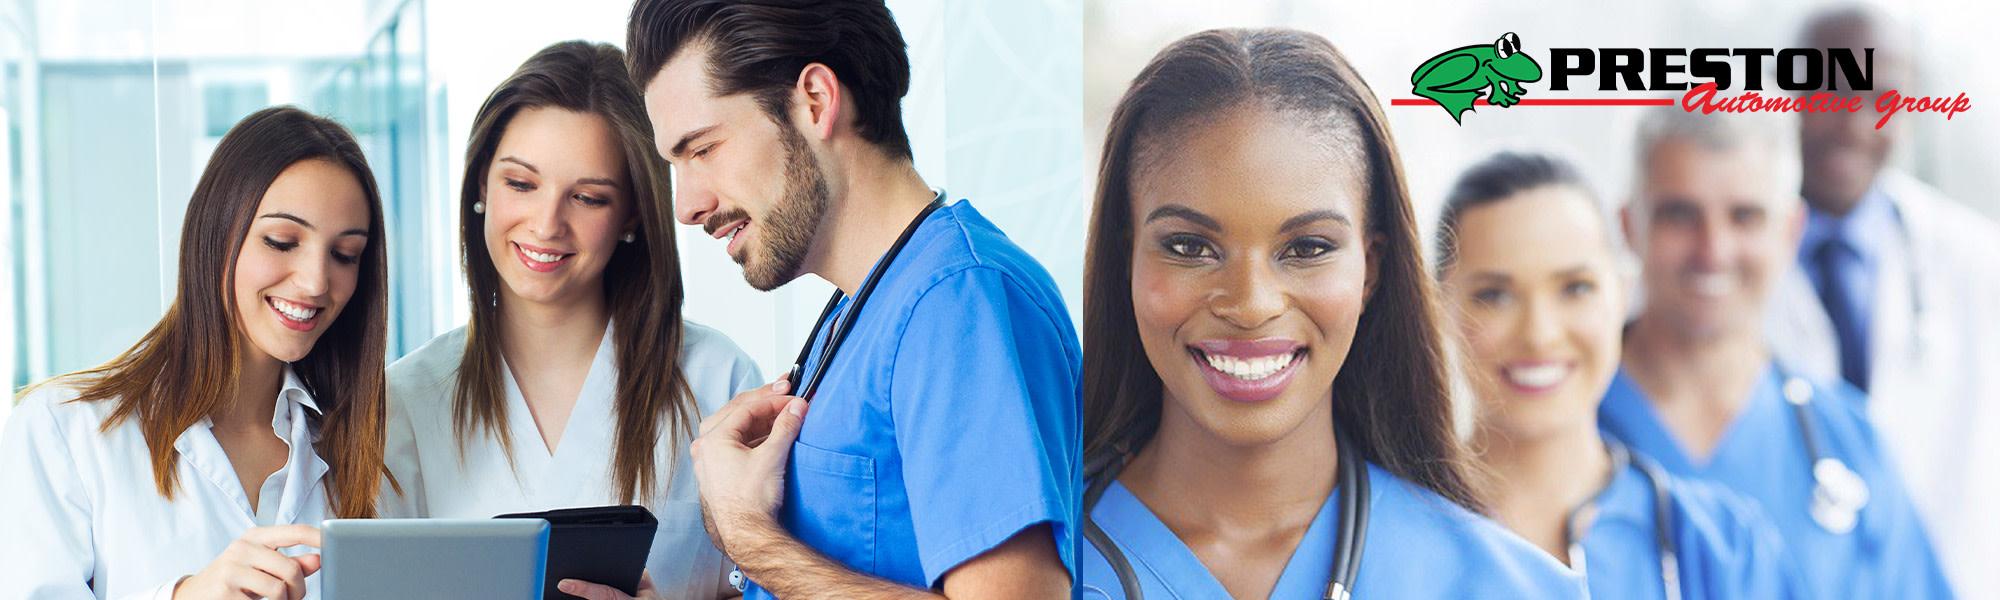 Healthcare Heroes Appreciation Program